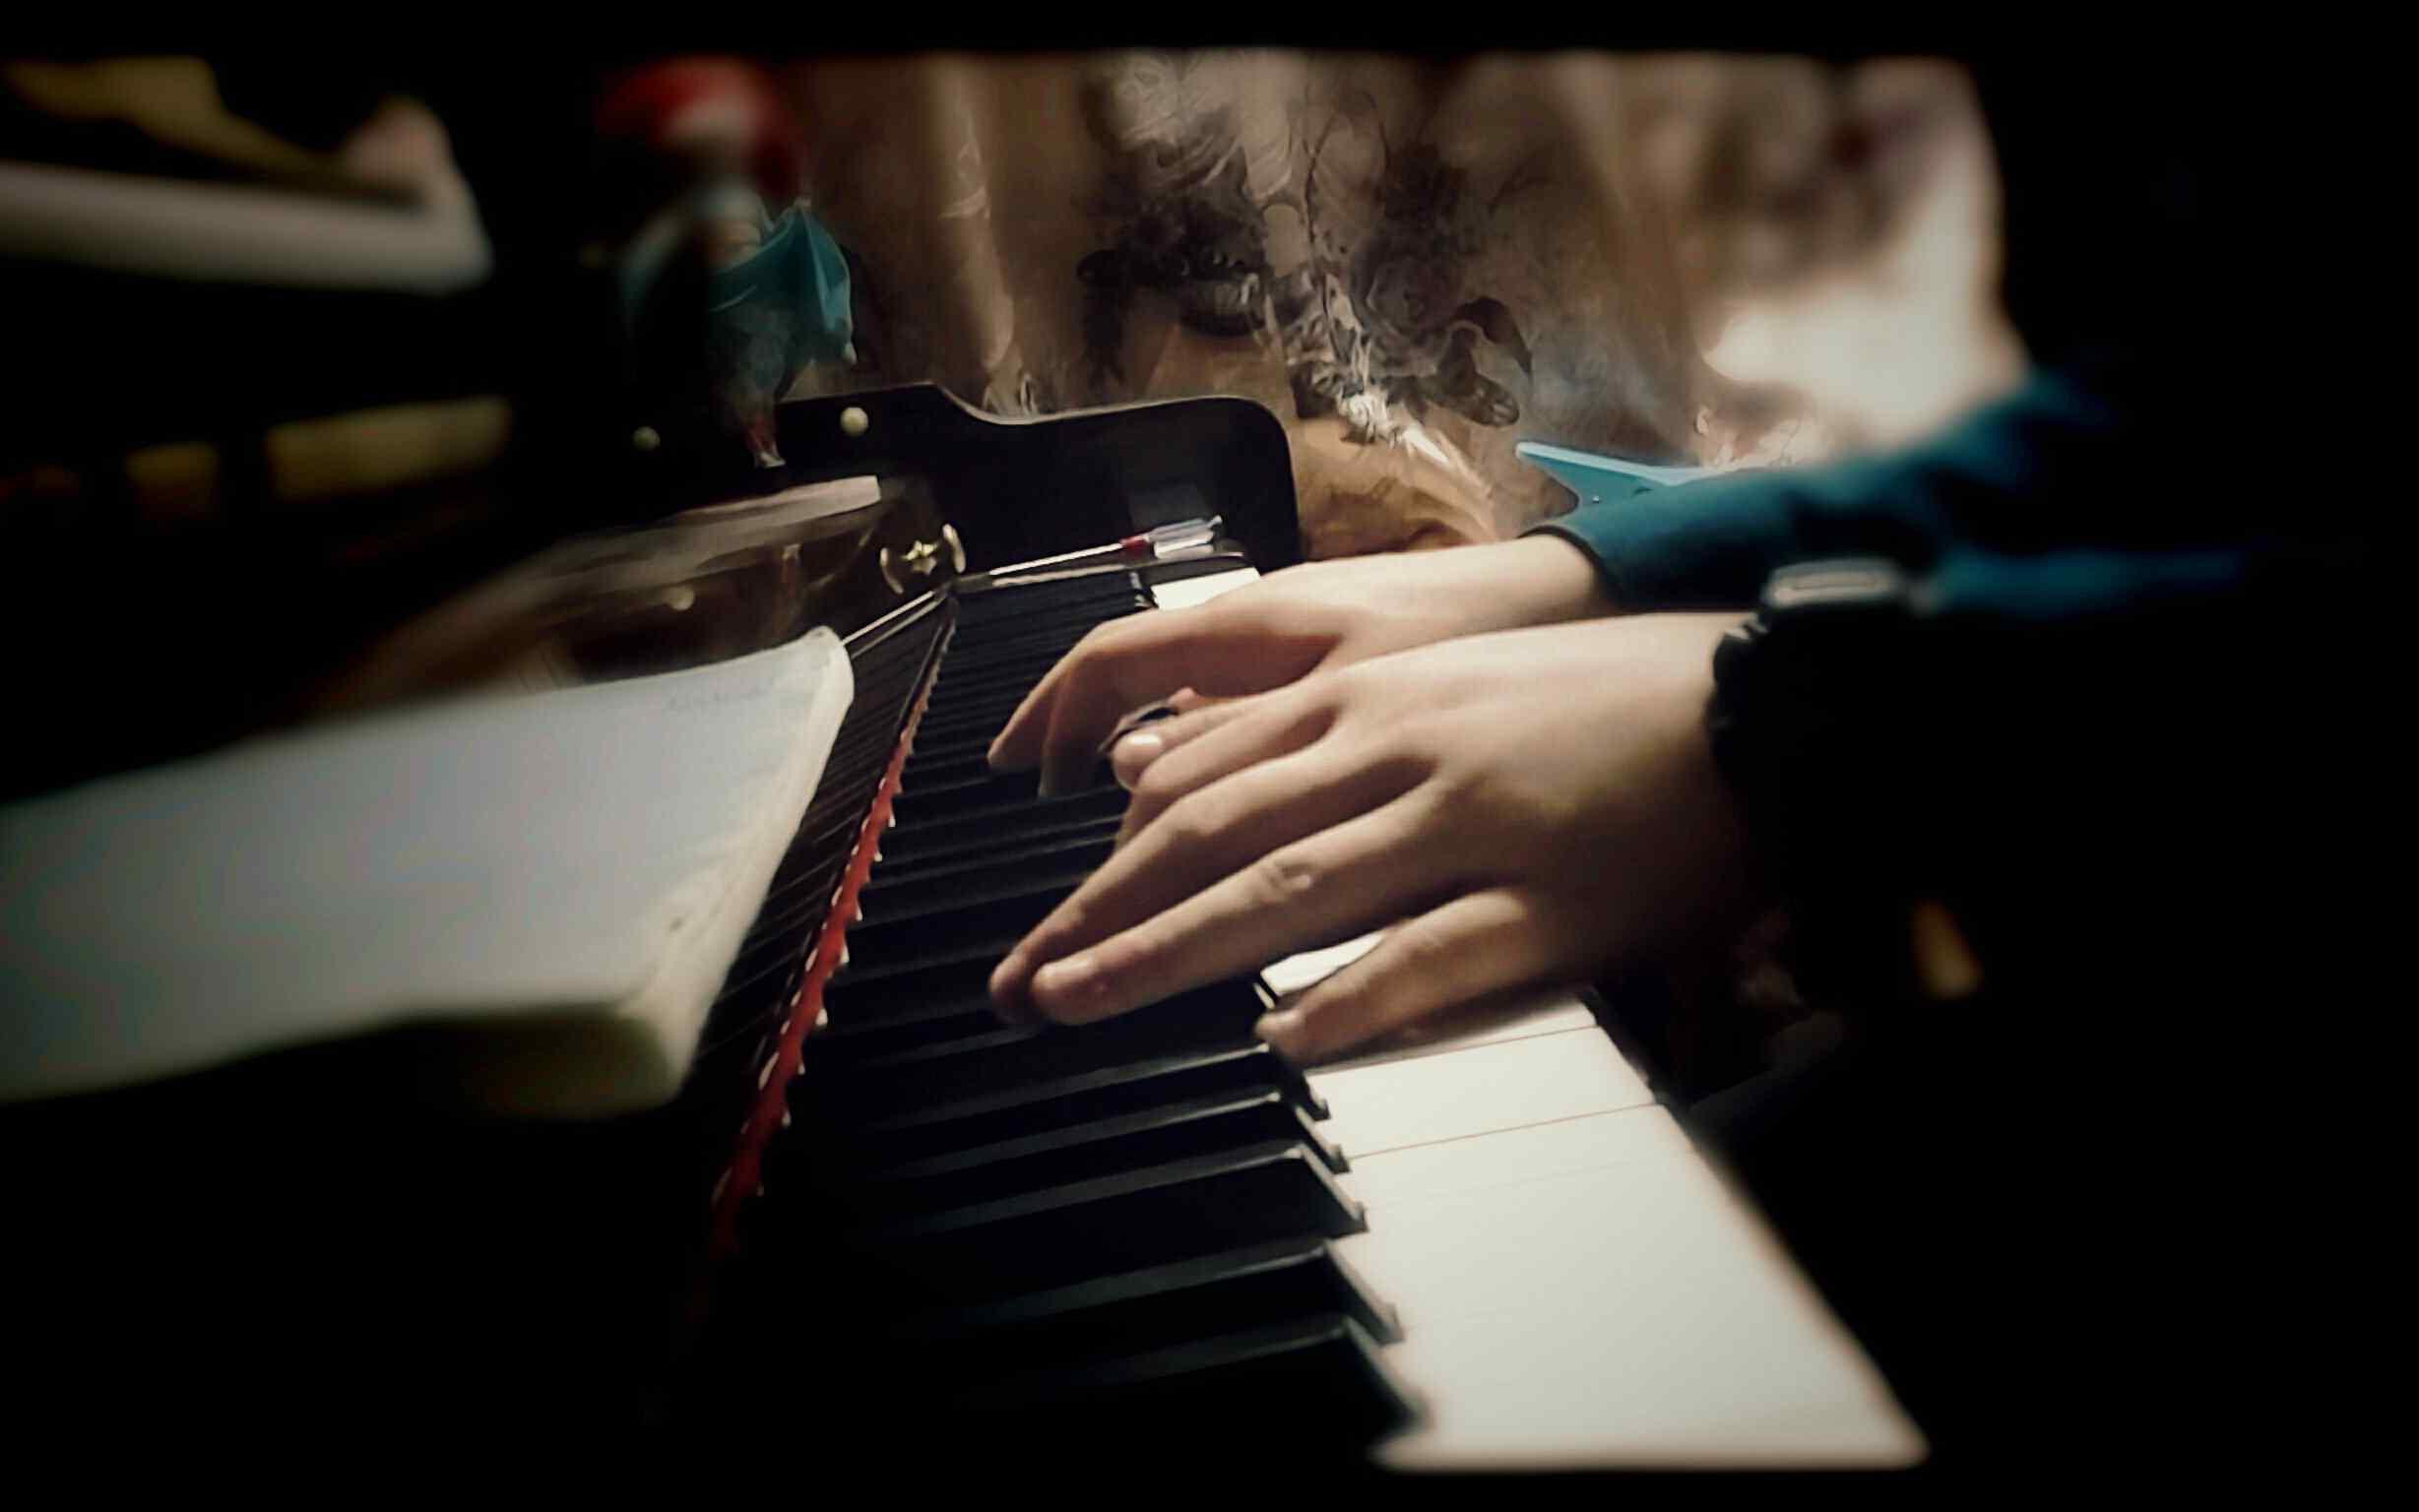 古典美女桌面_弹钢琴的人唯美图片桌面壁纸 -桌面天下(Desktx.com)